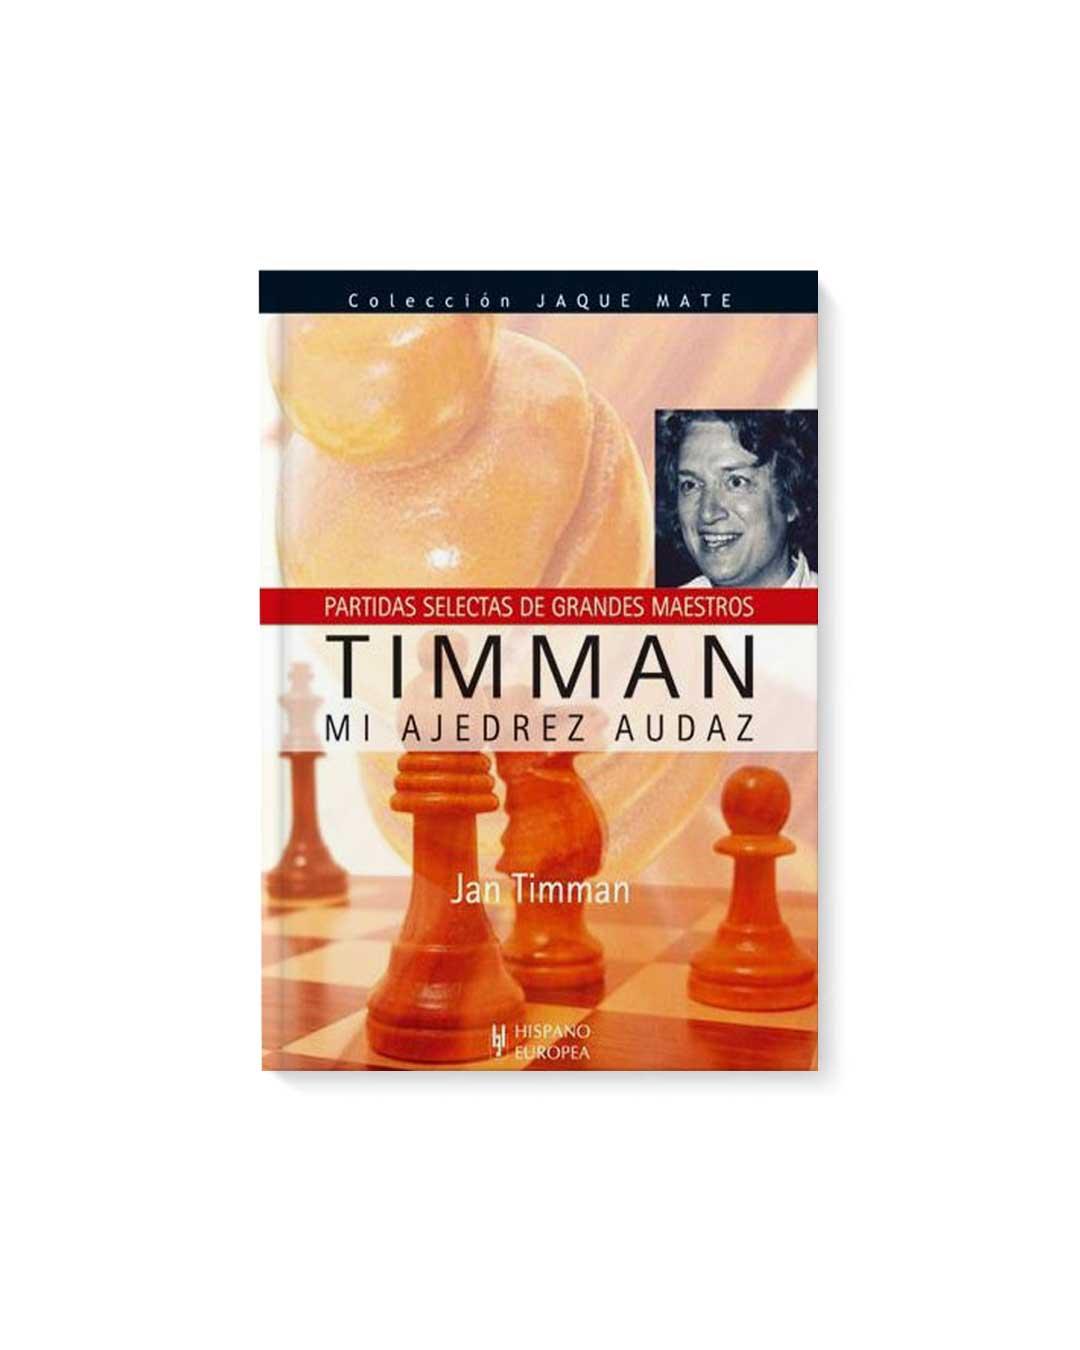 Timman - Mi ajedrez audaz